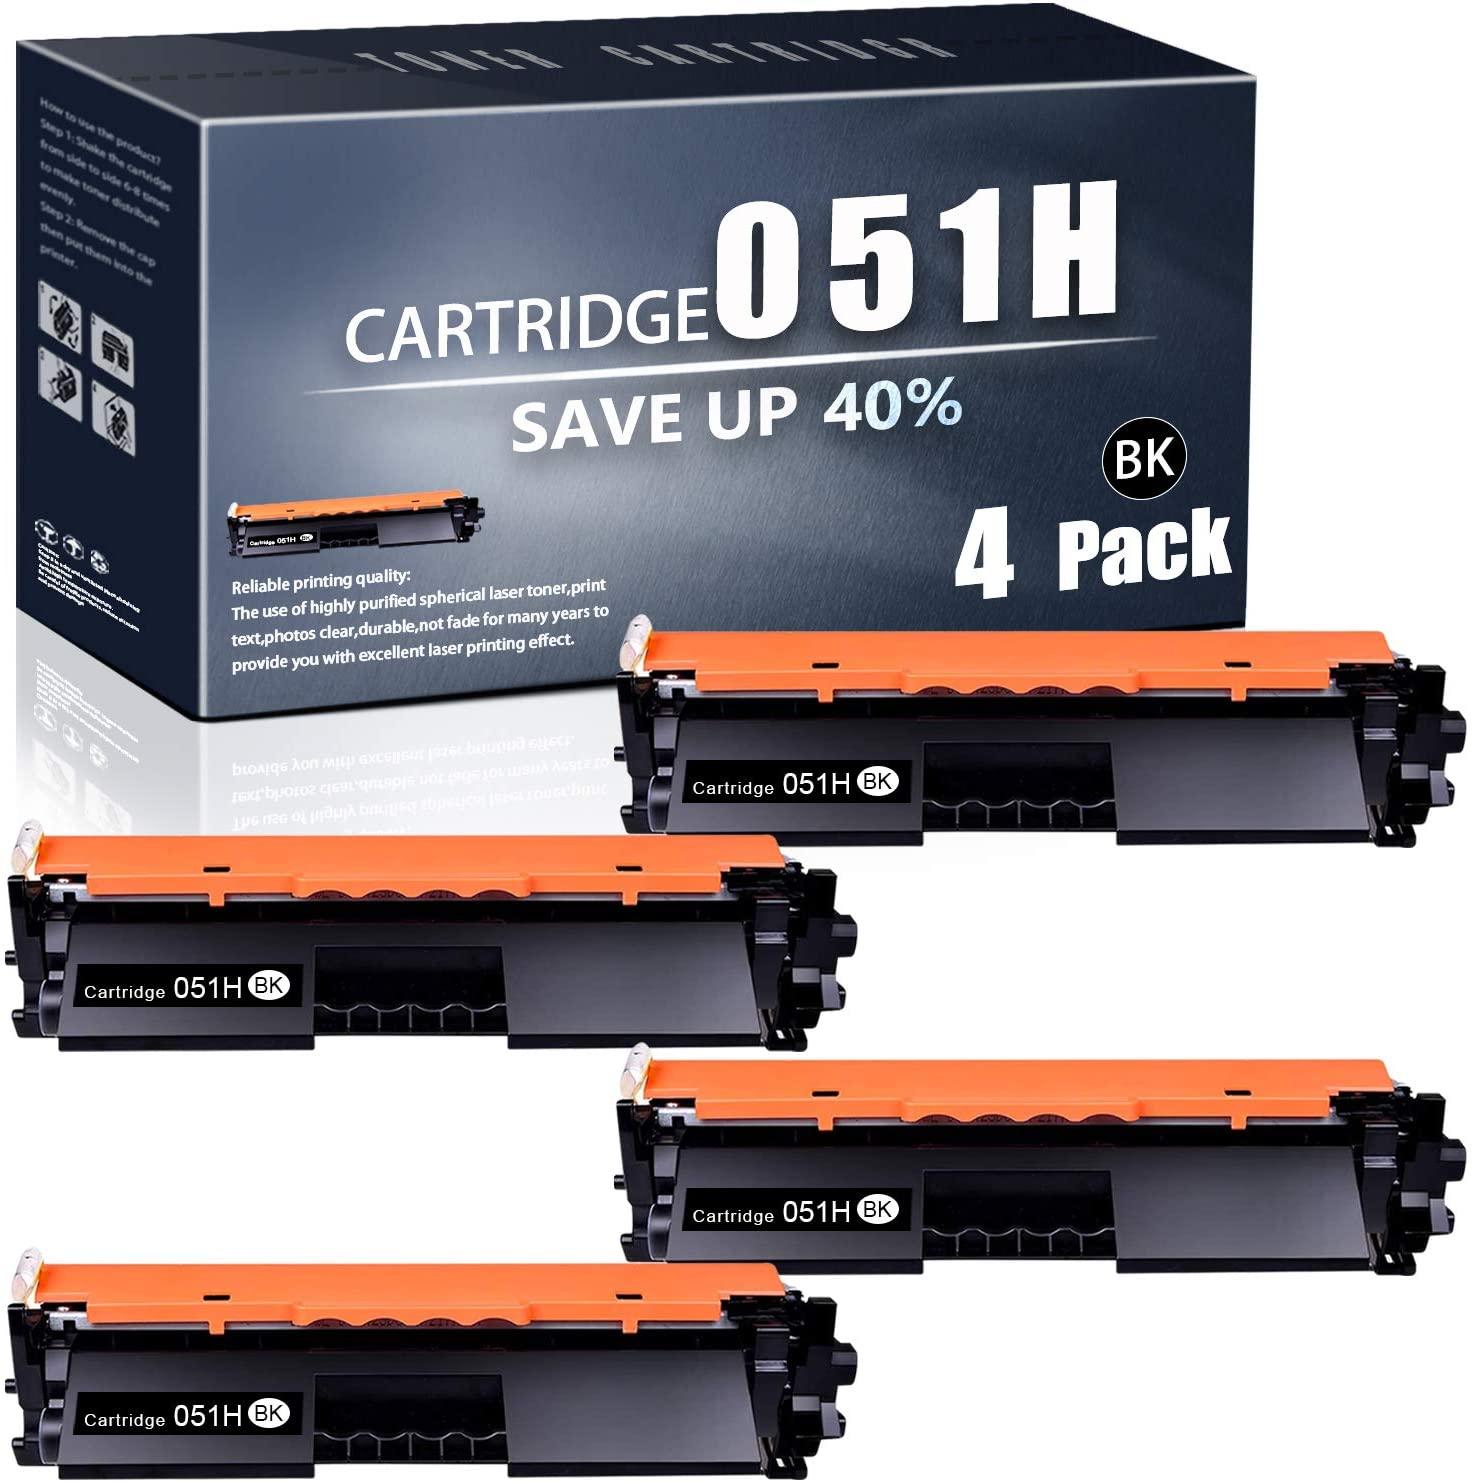 Cartridge 051H Crg-051H(Black,4PK) Compatible TonerCartridge Replacement forCanon ImageCLASS LBP161dw MF263dw MF266dw MF160/LBP160 Series i-SENSYS MF260/LBP260 Series Printers TonerCartridge.